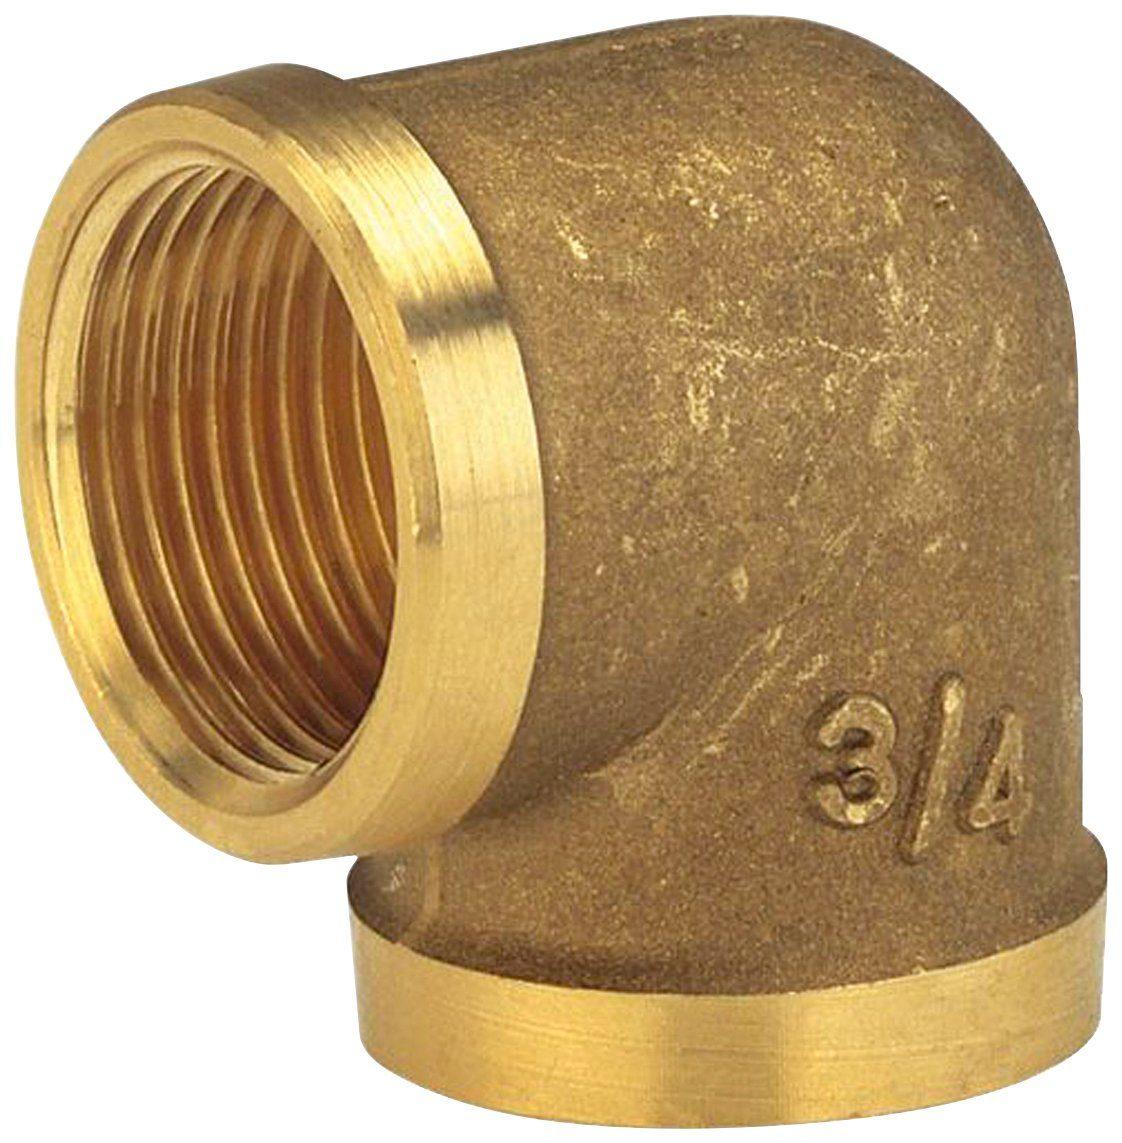 GARDENA Winkelverschraubung , Messing, 33,3 mm (G 1)-Innengewinde